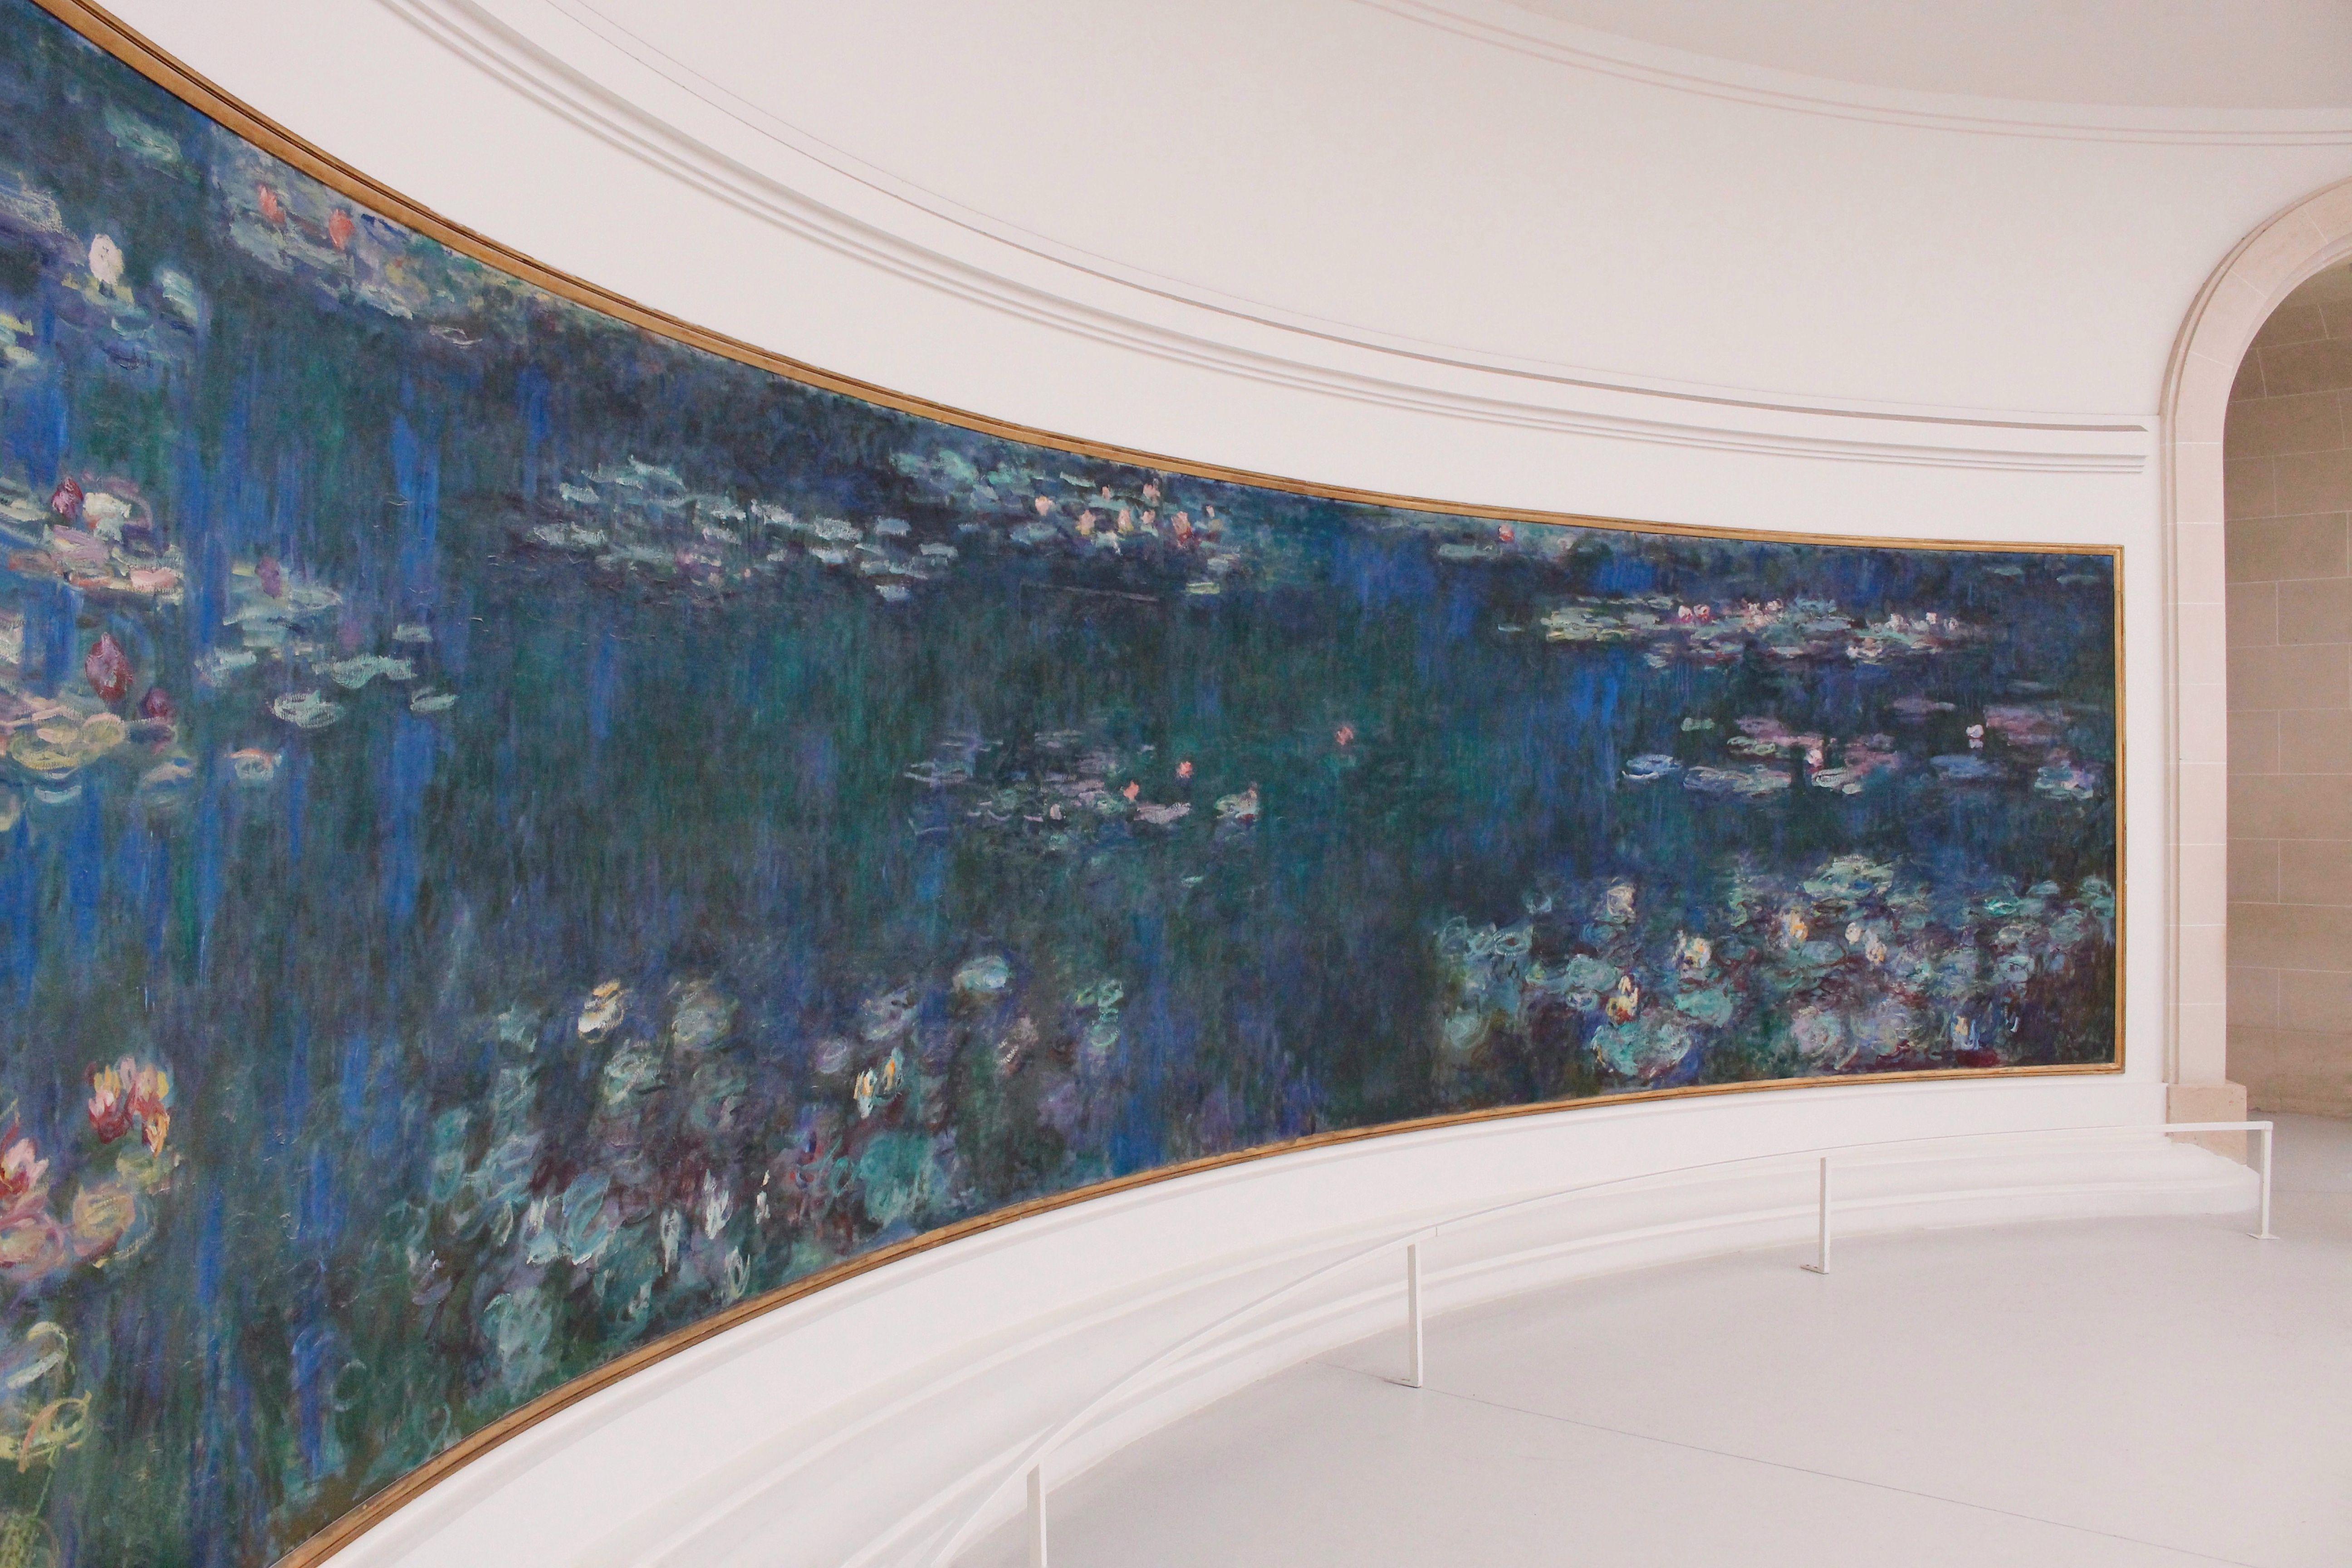 Le ninfee di Monet - Musée de l'Orangerie